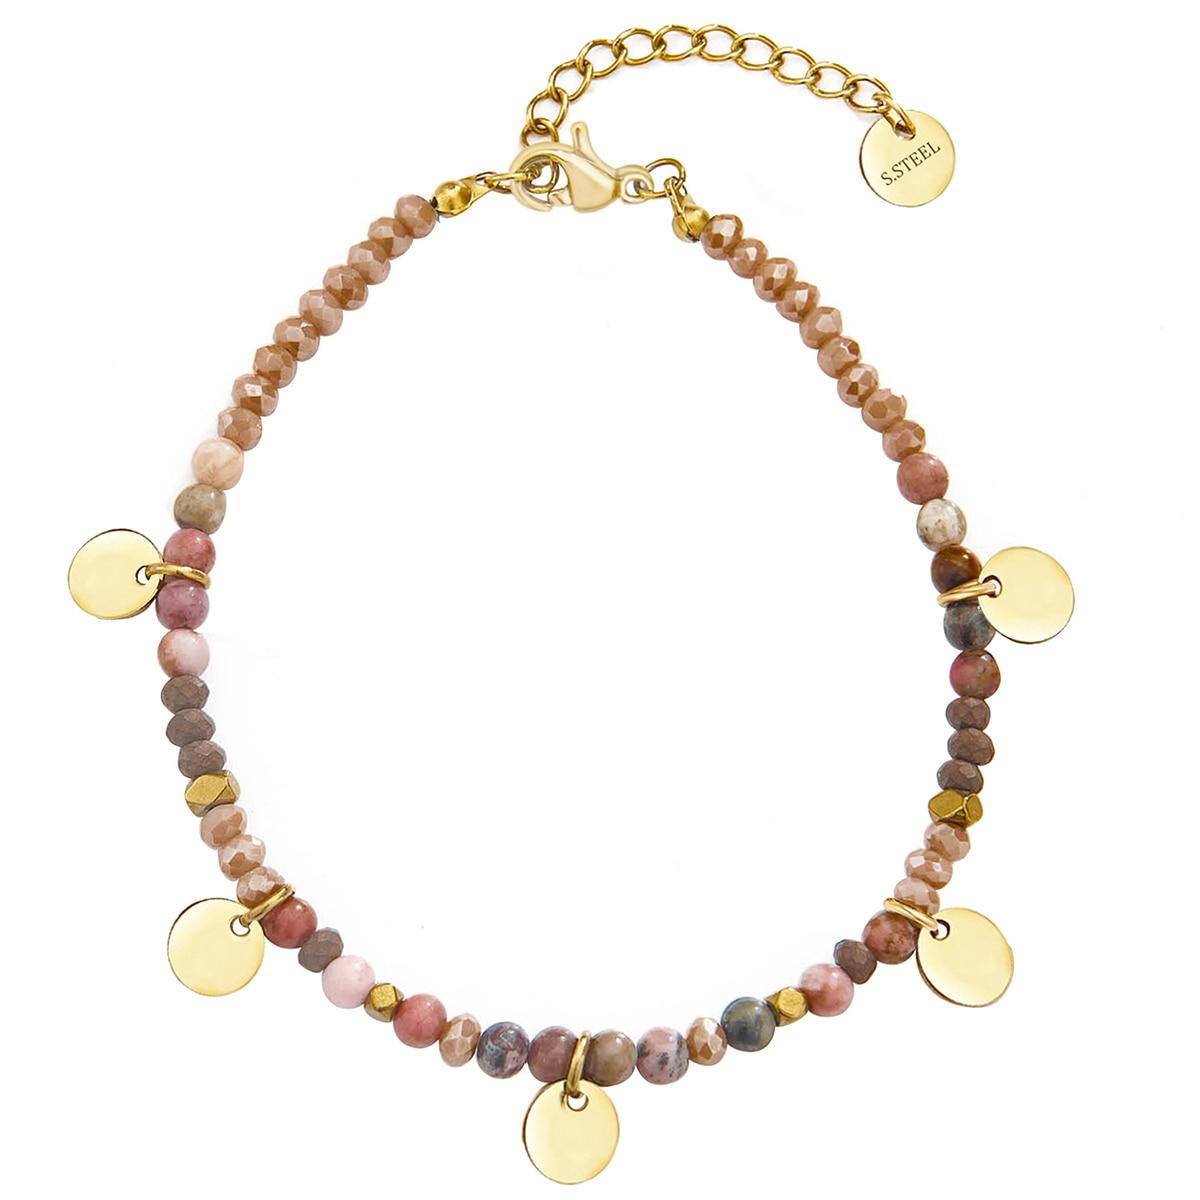 Wild & Free, модное кольцо из нержавеющей стали, браслет из бисера пять Цвета Круглый браслет для женщин из натурального камня, богемные ювелирны...